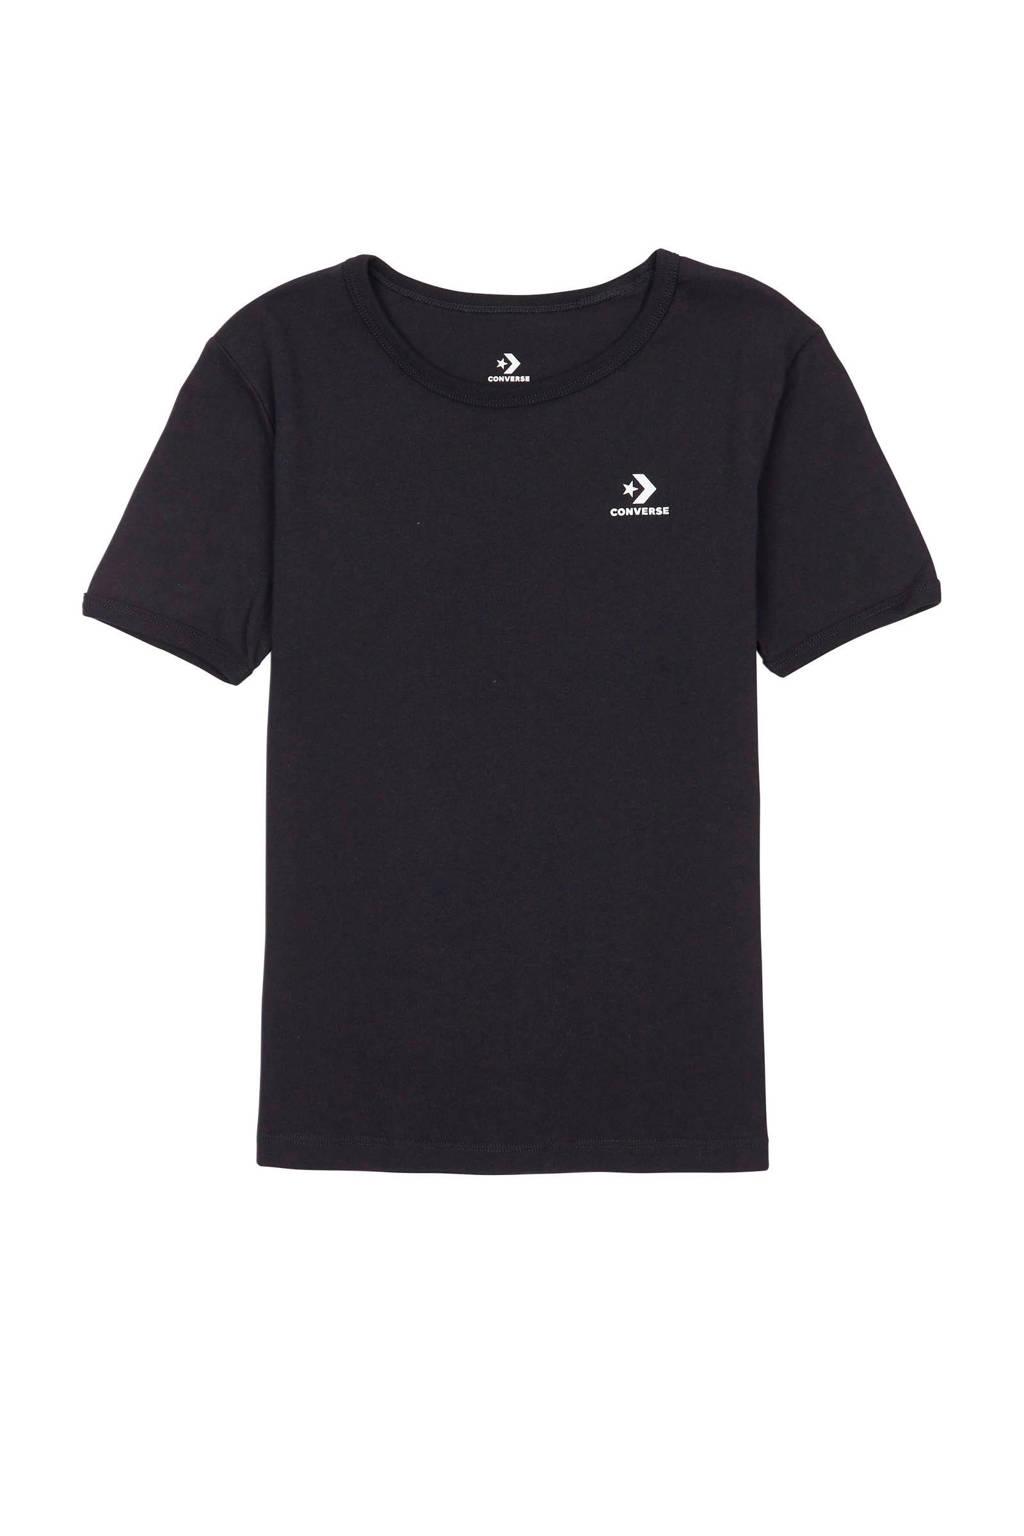 Converse T-shirt zwart, Zwart